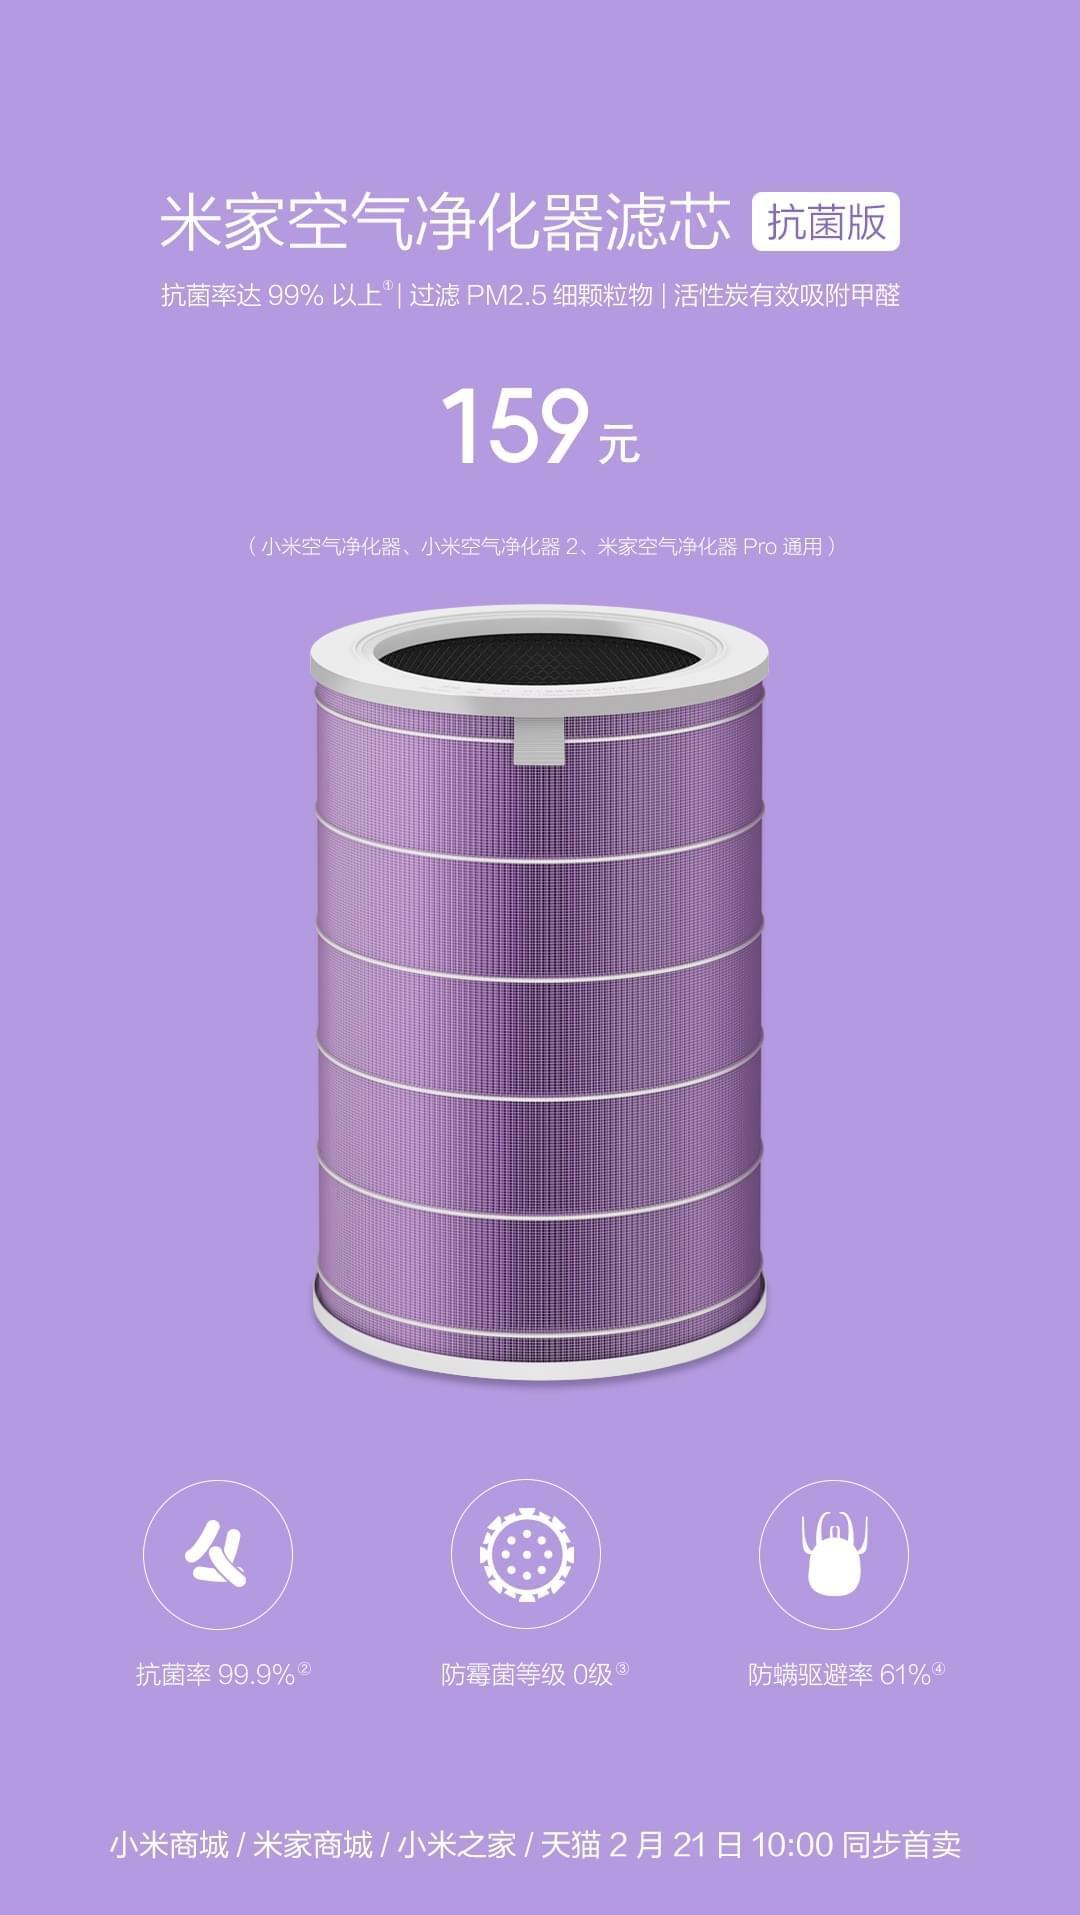 小米发布米家空气净化器滤芯抗菌版:售价169元